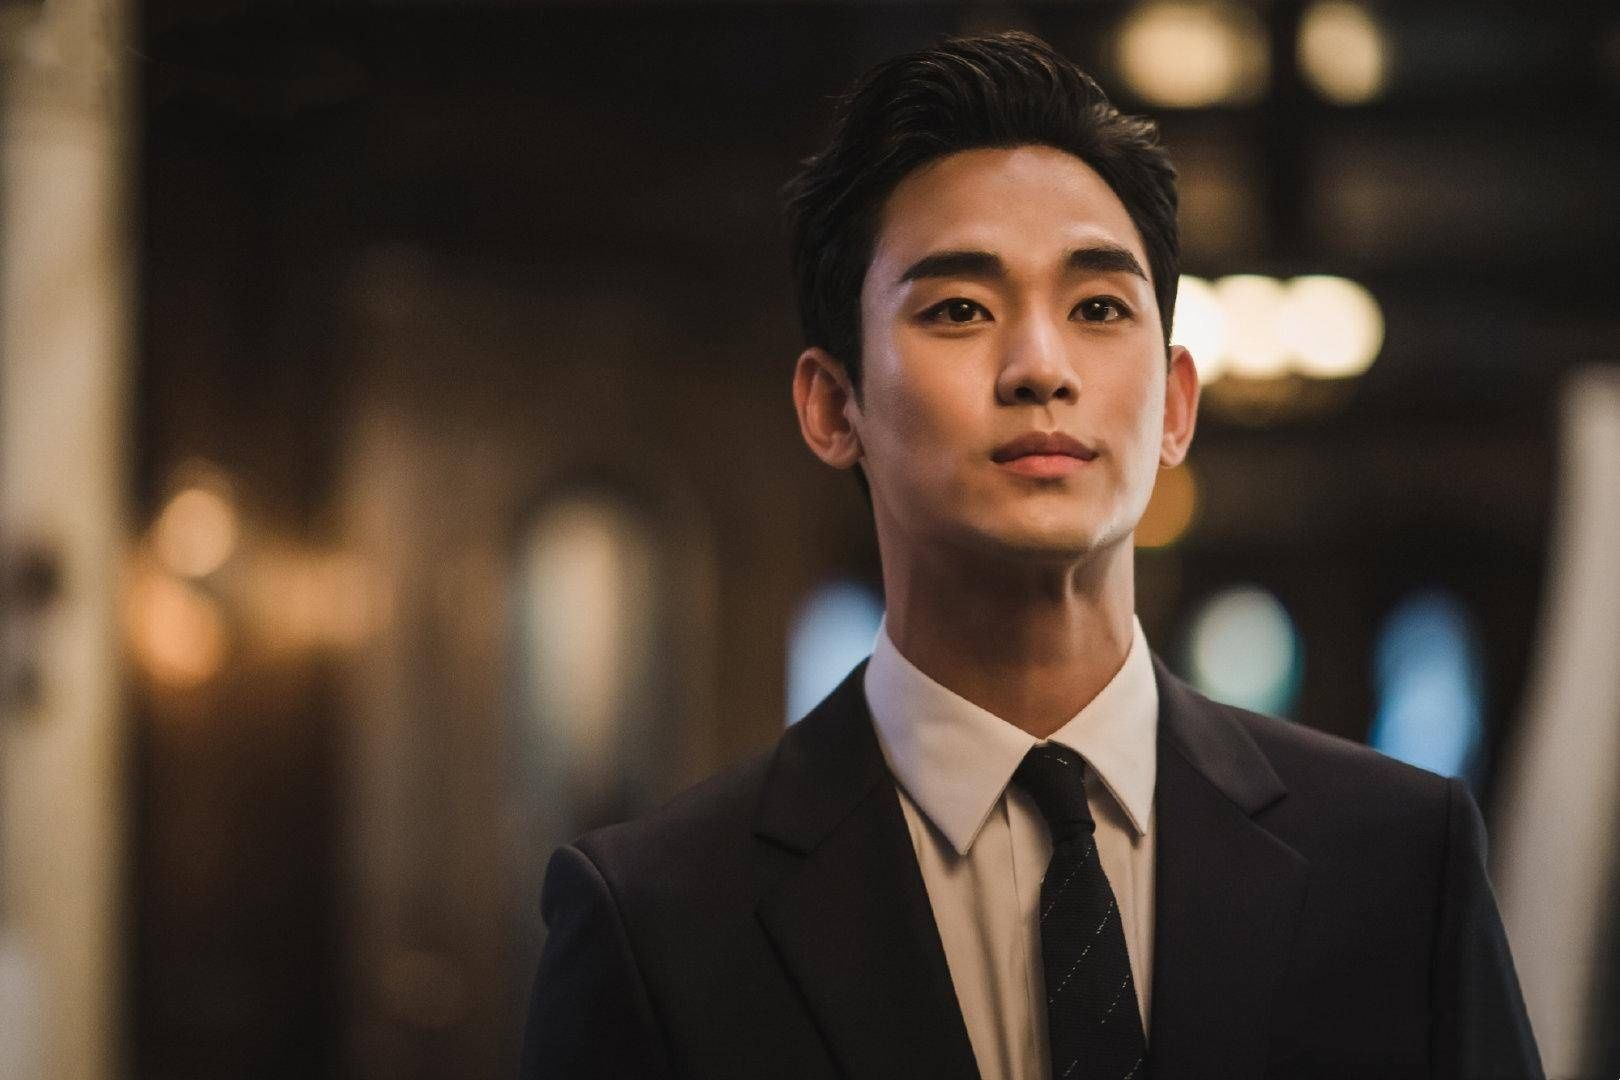 金秀賢每集5億片酬創紀錄,被韓網友狂批:他不是那種程度的演員